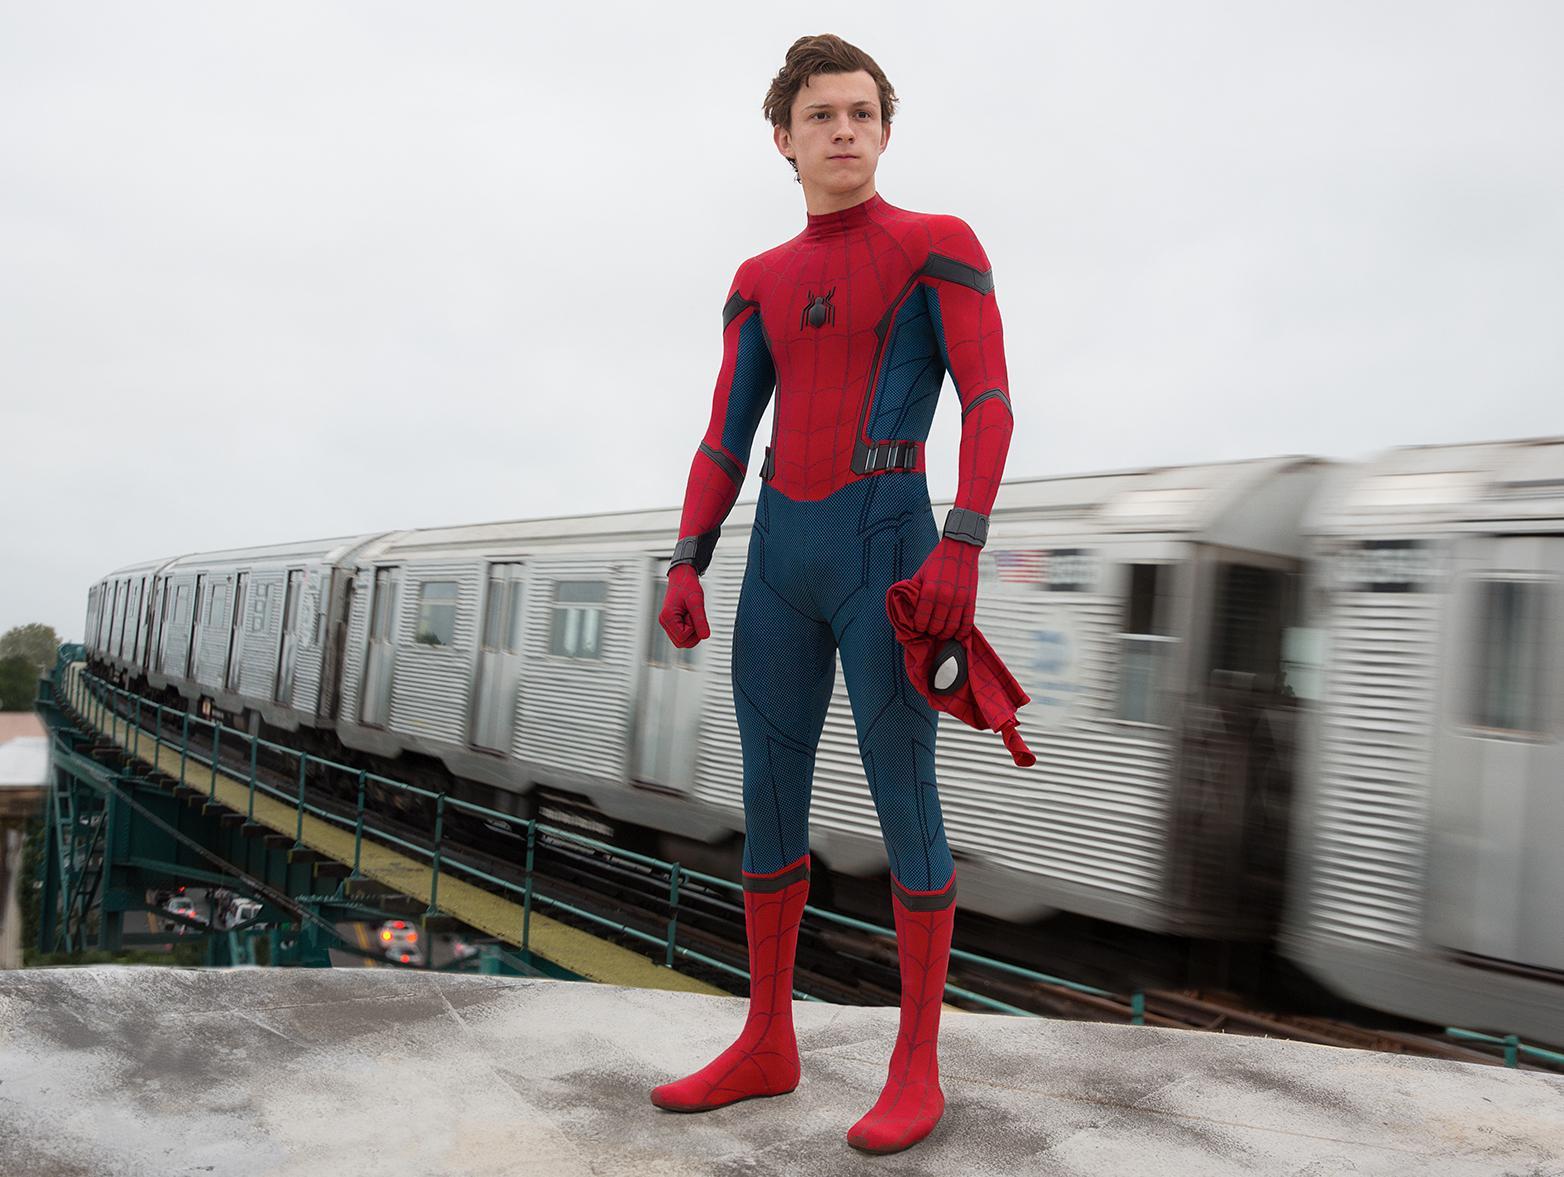 Художник показал концепт-арт фильма «Человек-паук» сХолландом. Онвдохновлен комиксом 1966 года